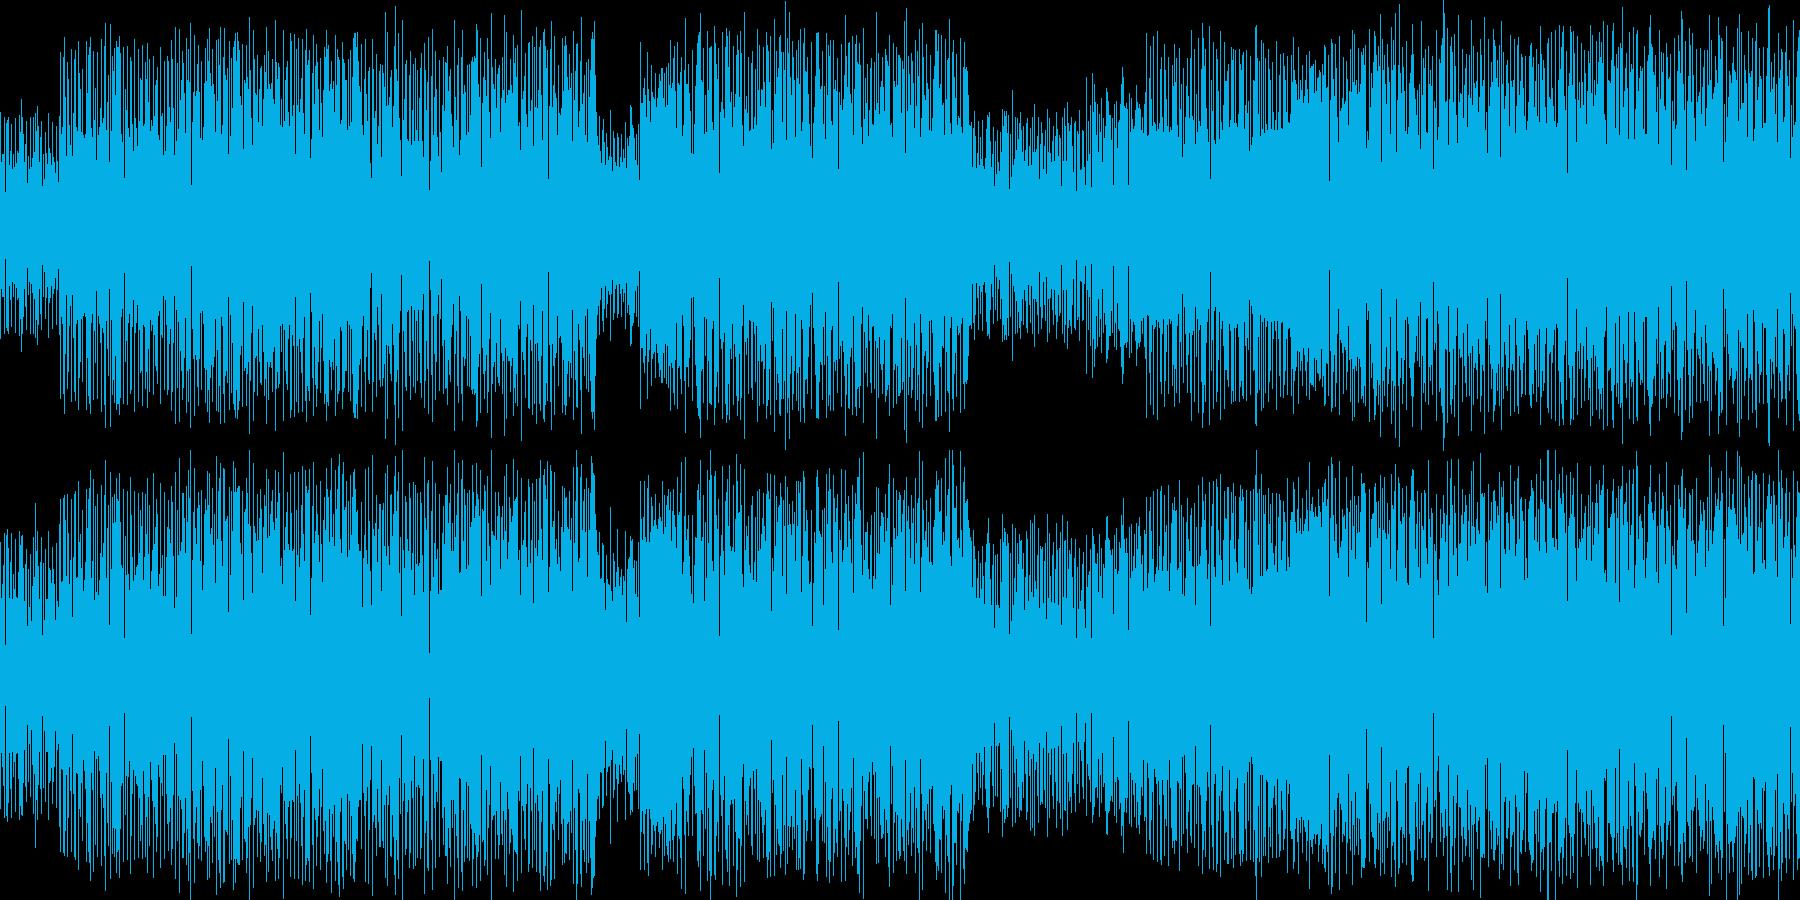 インストハウス/エレクトロの再生済みの波形